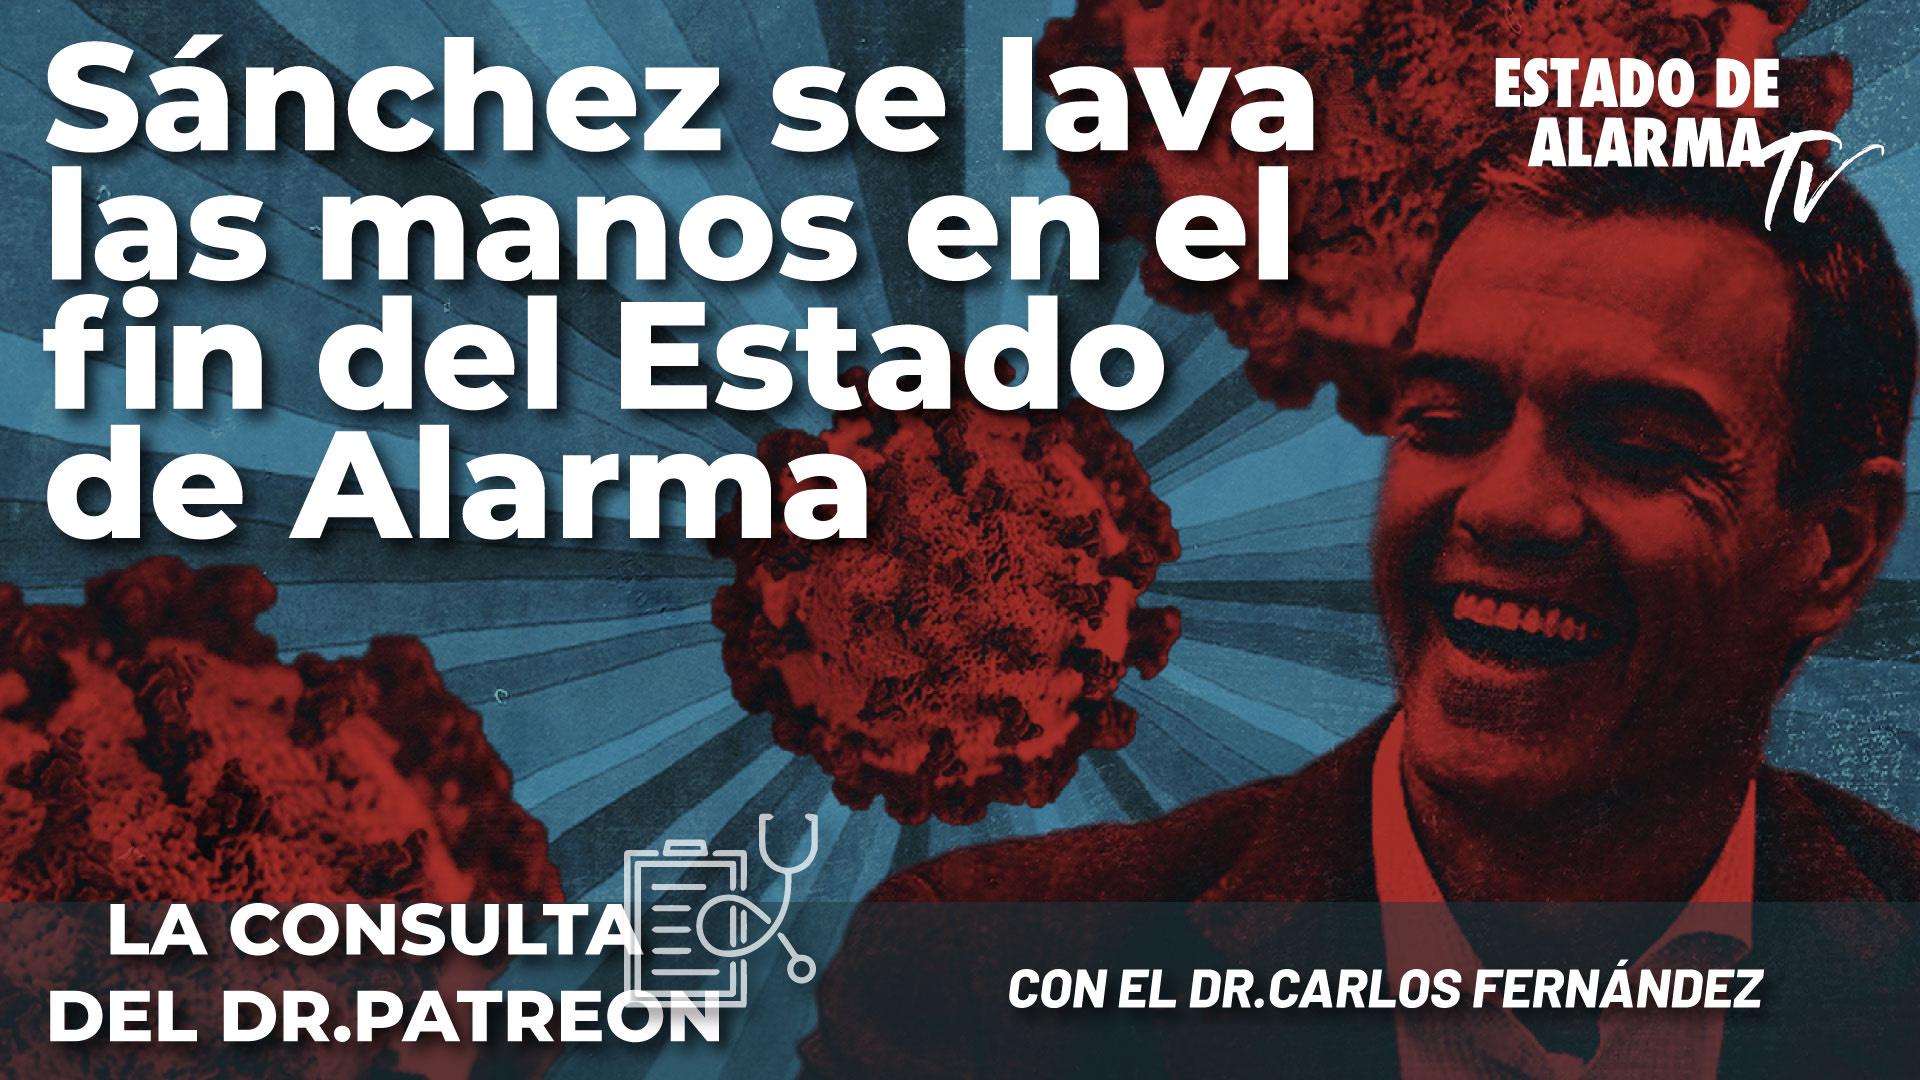 La Consulta del Dr. Patreon con el Dr. Carlos Fernández: Sánchez se lava las manos en el fin del Estado de Alarma